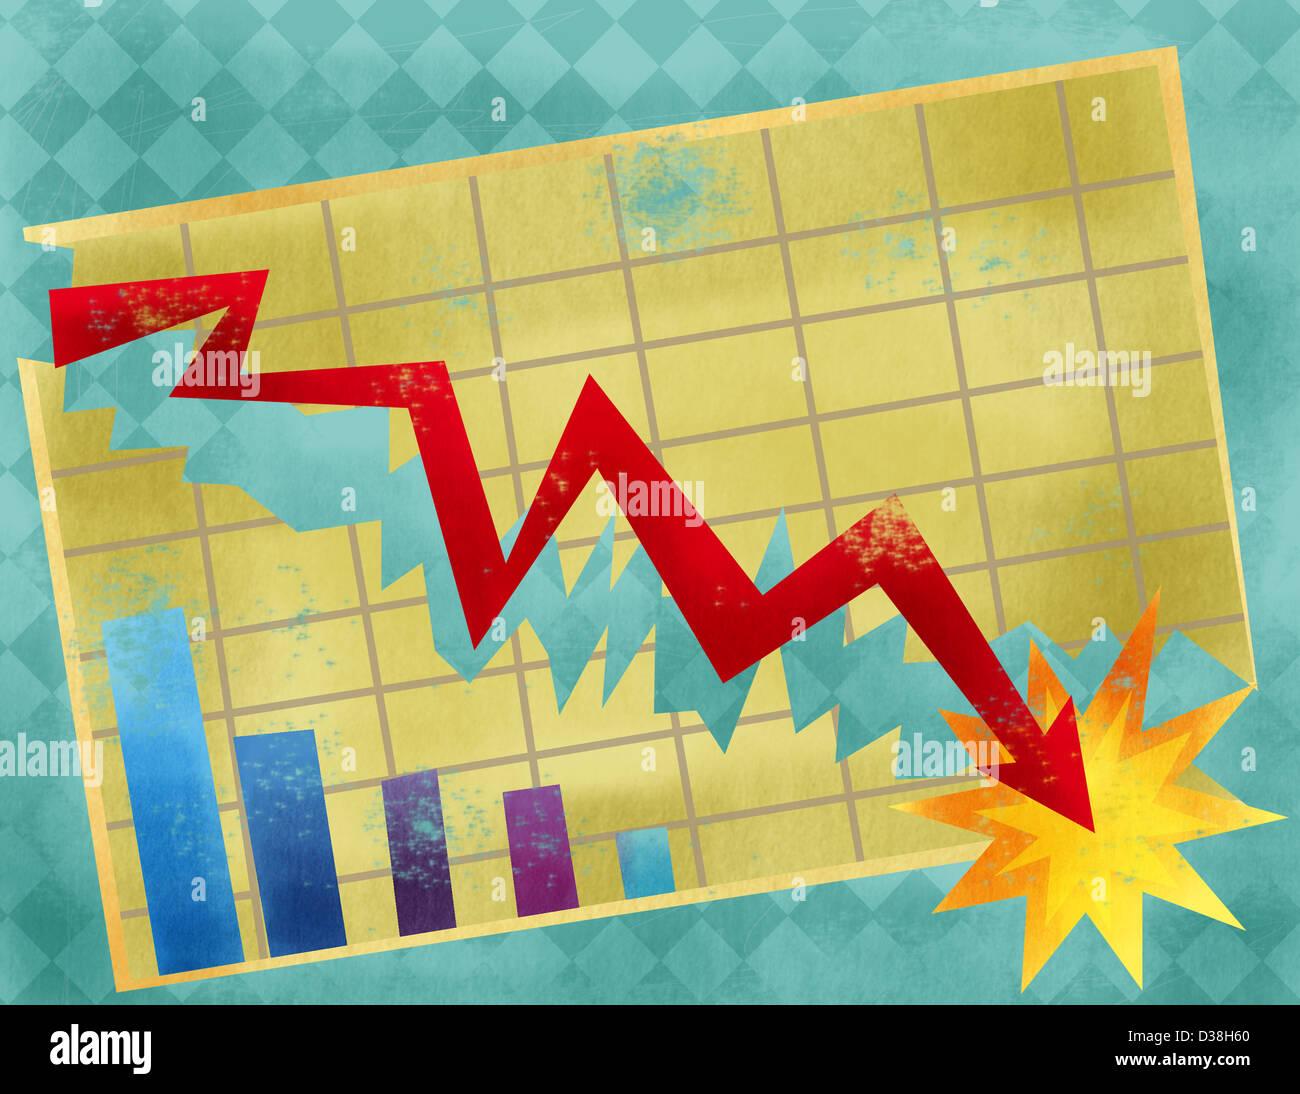 Grafico a linee che mostra il crash di economia Immagini Stock